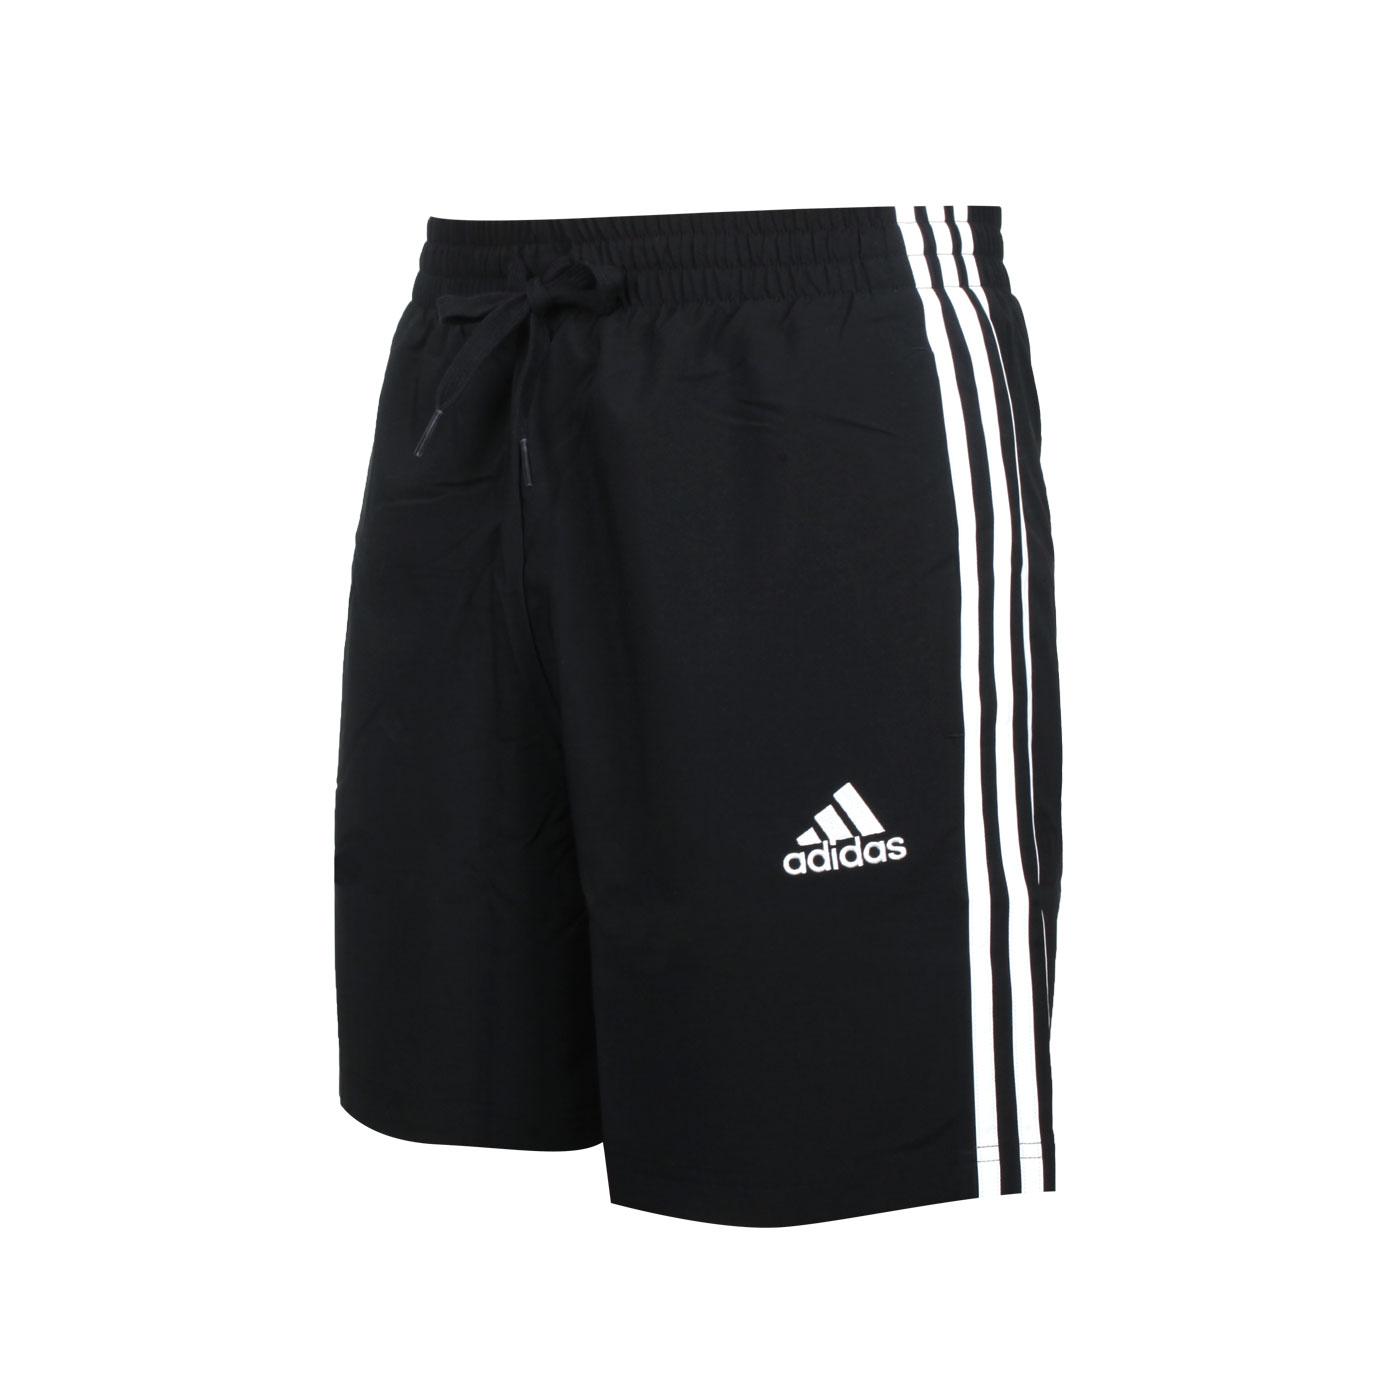 ADIDAS 男款運動短褲 GL0022 - 黑白